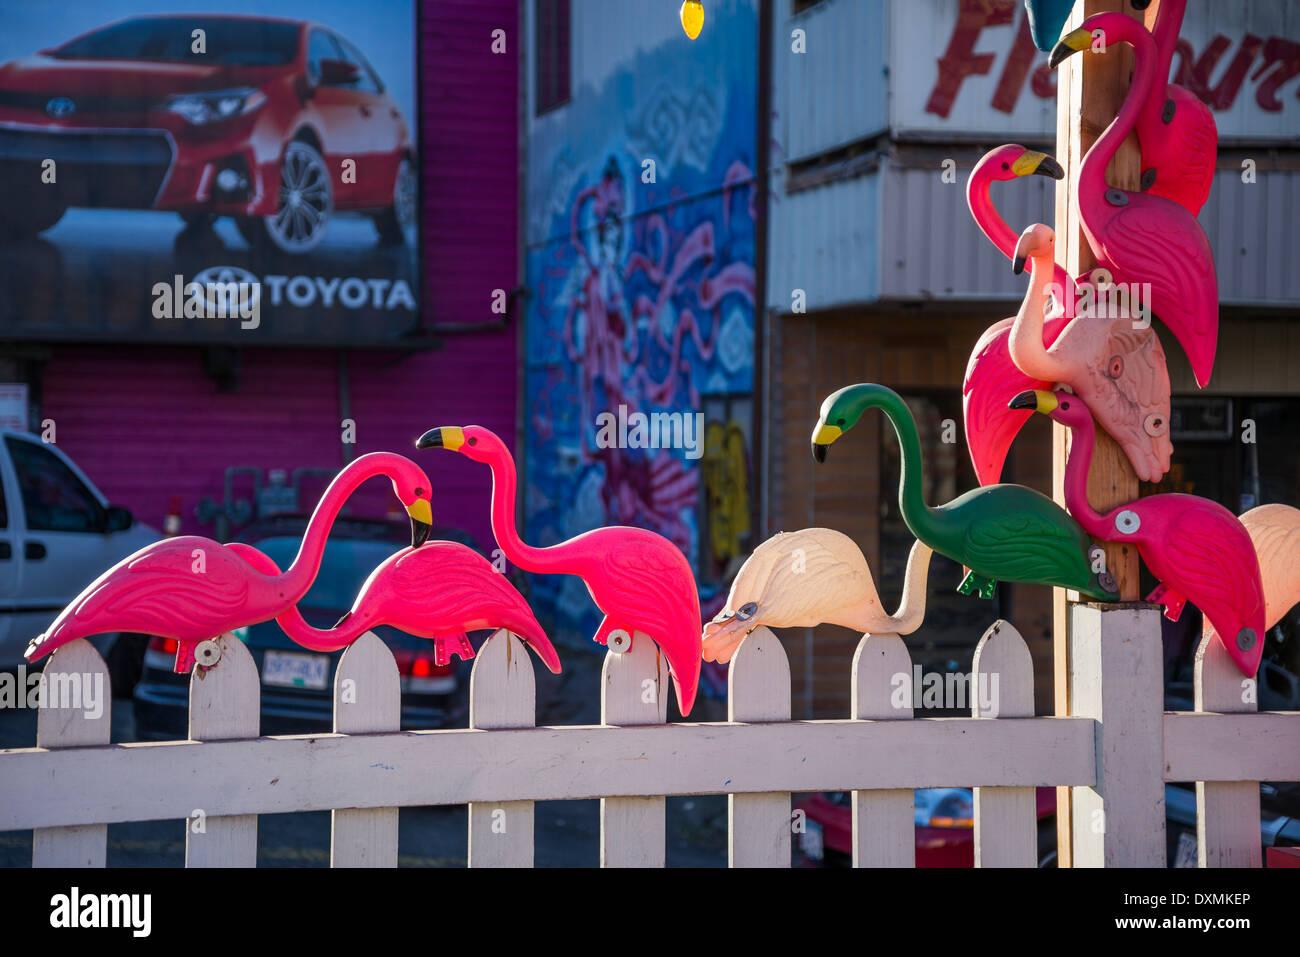 Plastic flamingos, Vancouver, British Columbia, Canada - Stock Image